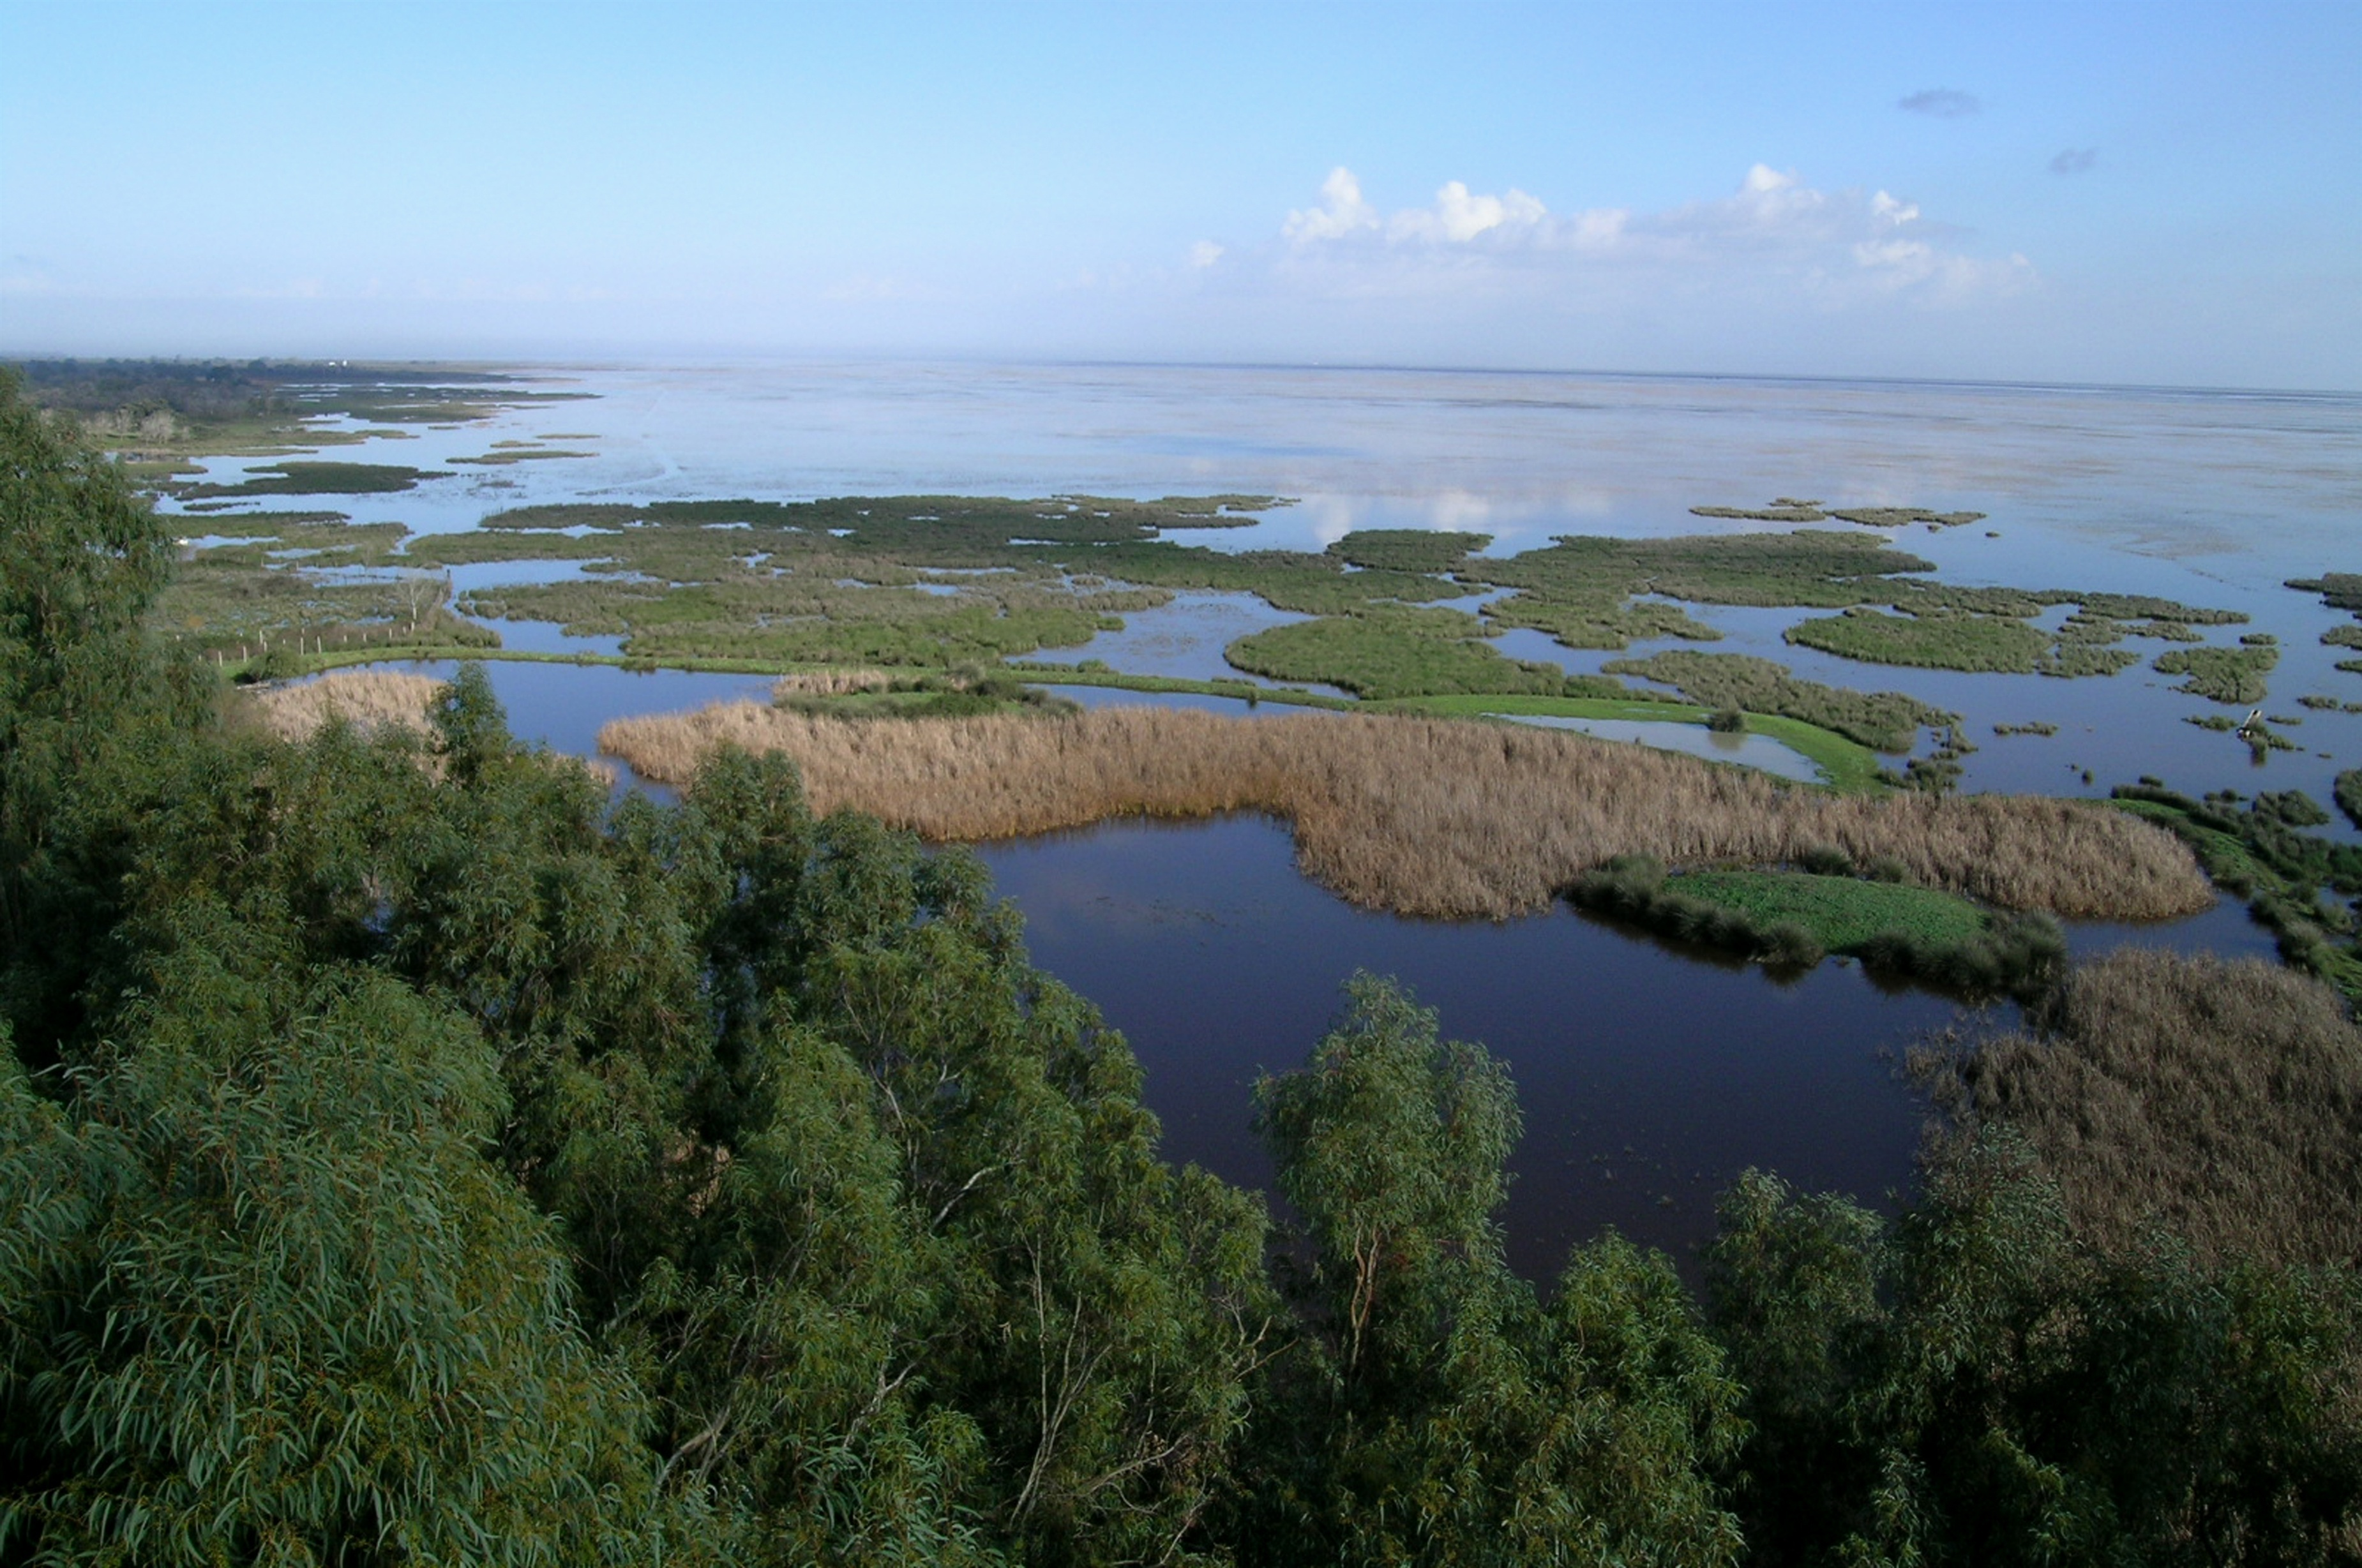 WWF lleva a la UNESCO, UICN y Convenio Ramsar la amenaza creciente sobre Doñana